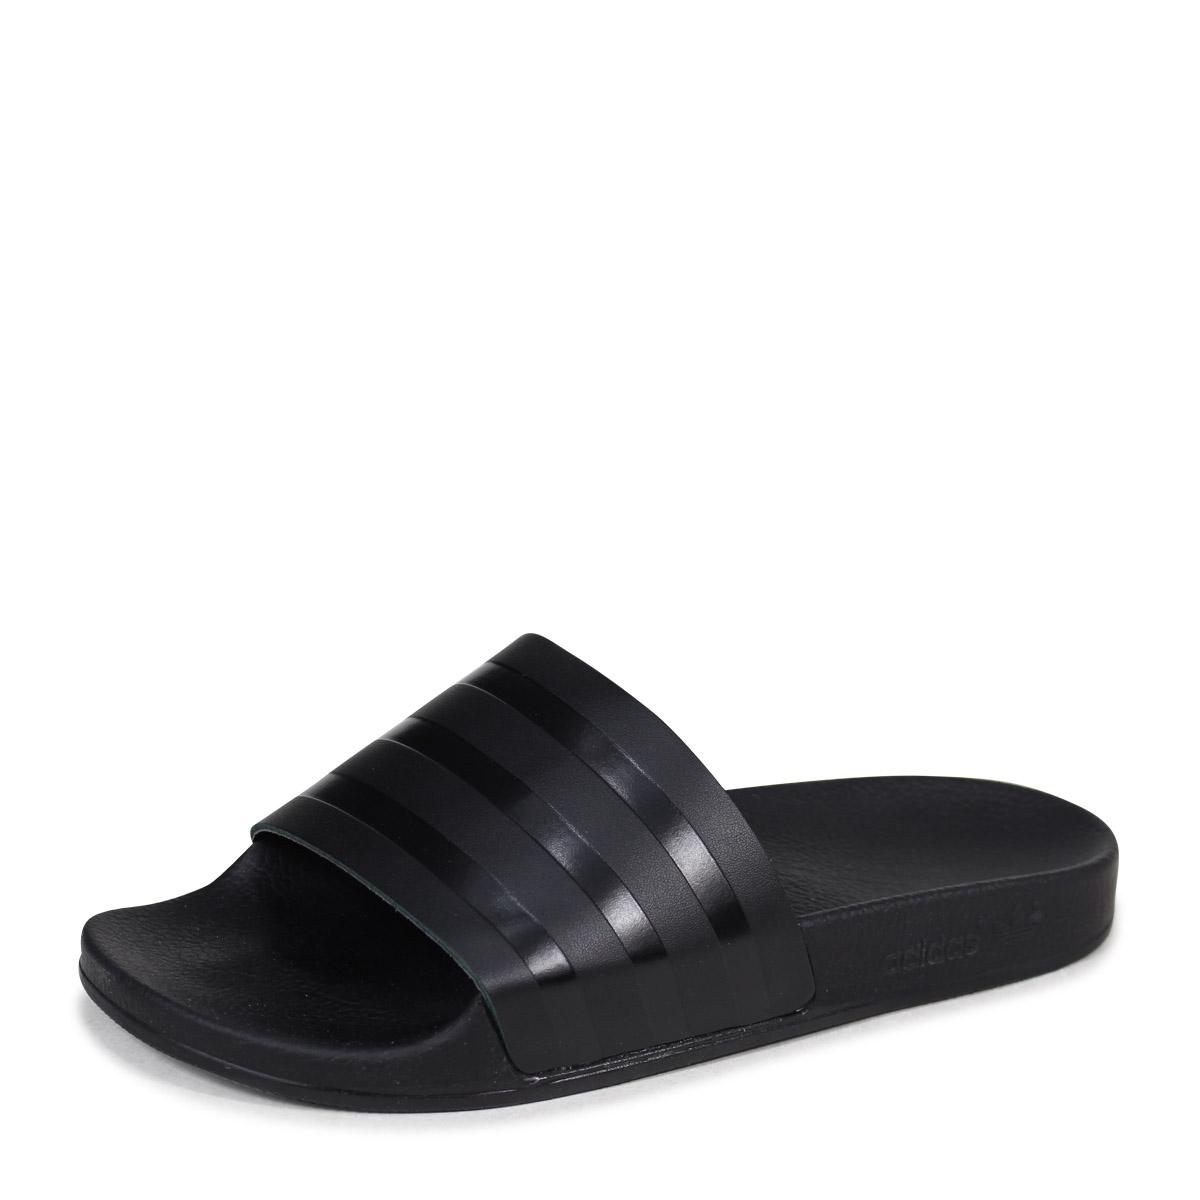 アディダスアディレッタ adidas Originals sandals shower sandals ADILETTE SLIDES men  CQ3094 black originals  4 19 Shinnyu load  0103f935520